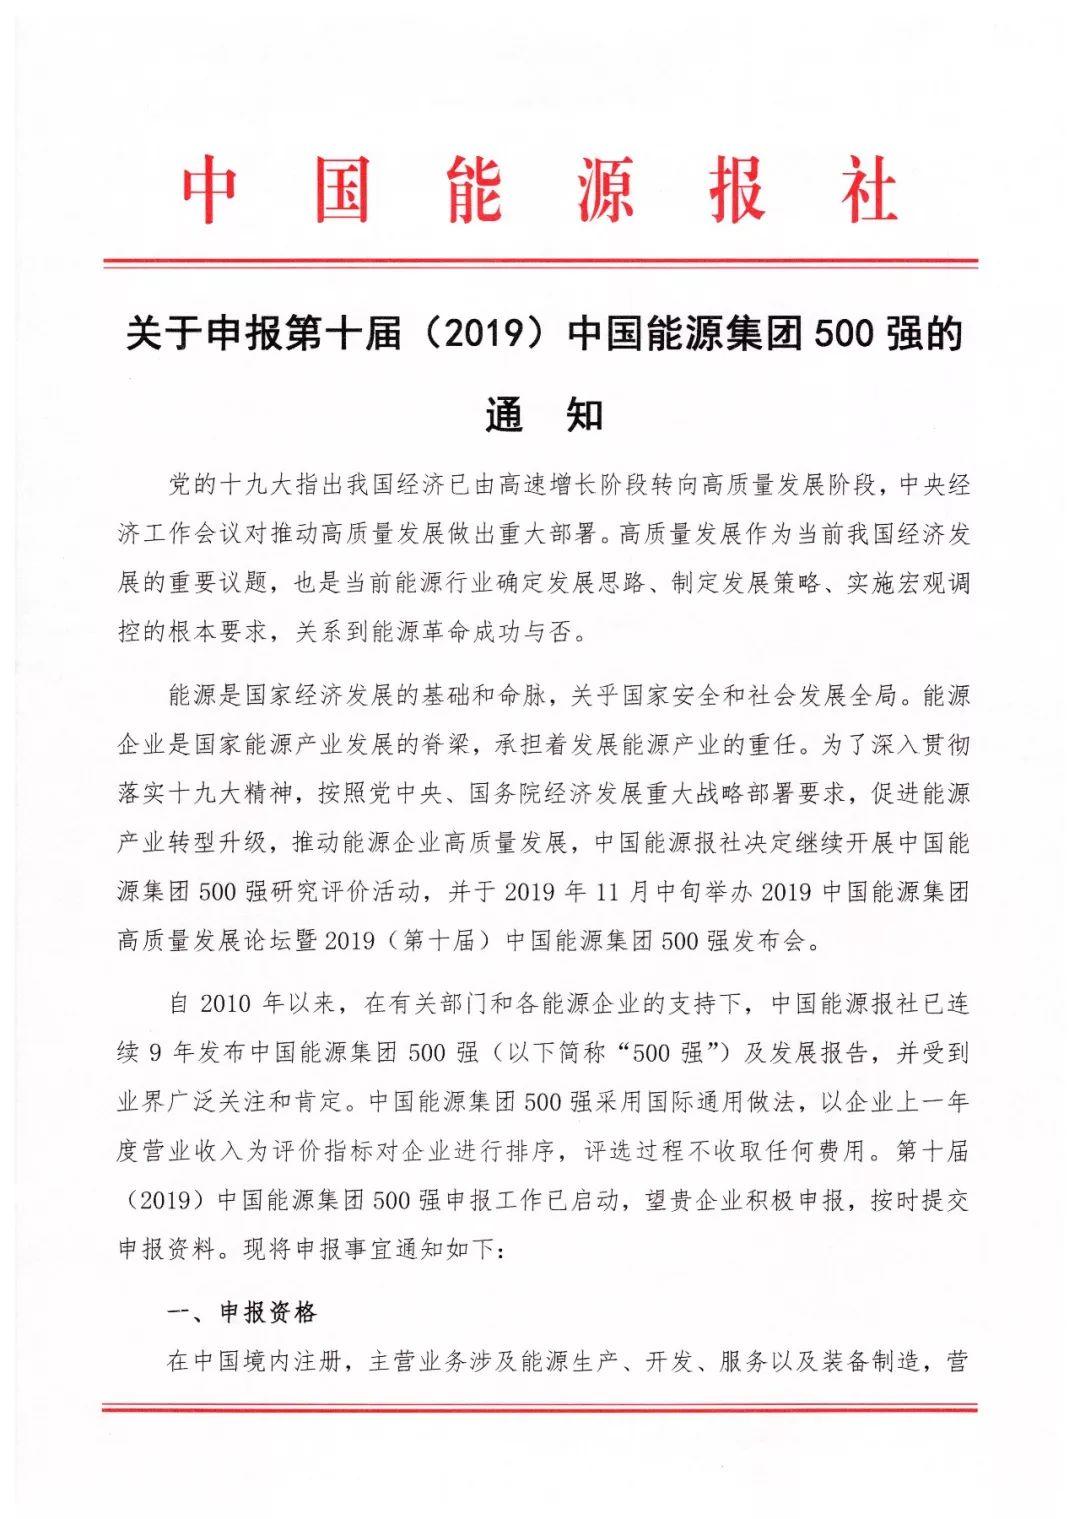 第十屆!中國能源集團500強申報工作開啟!_企業